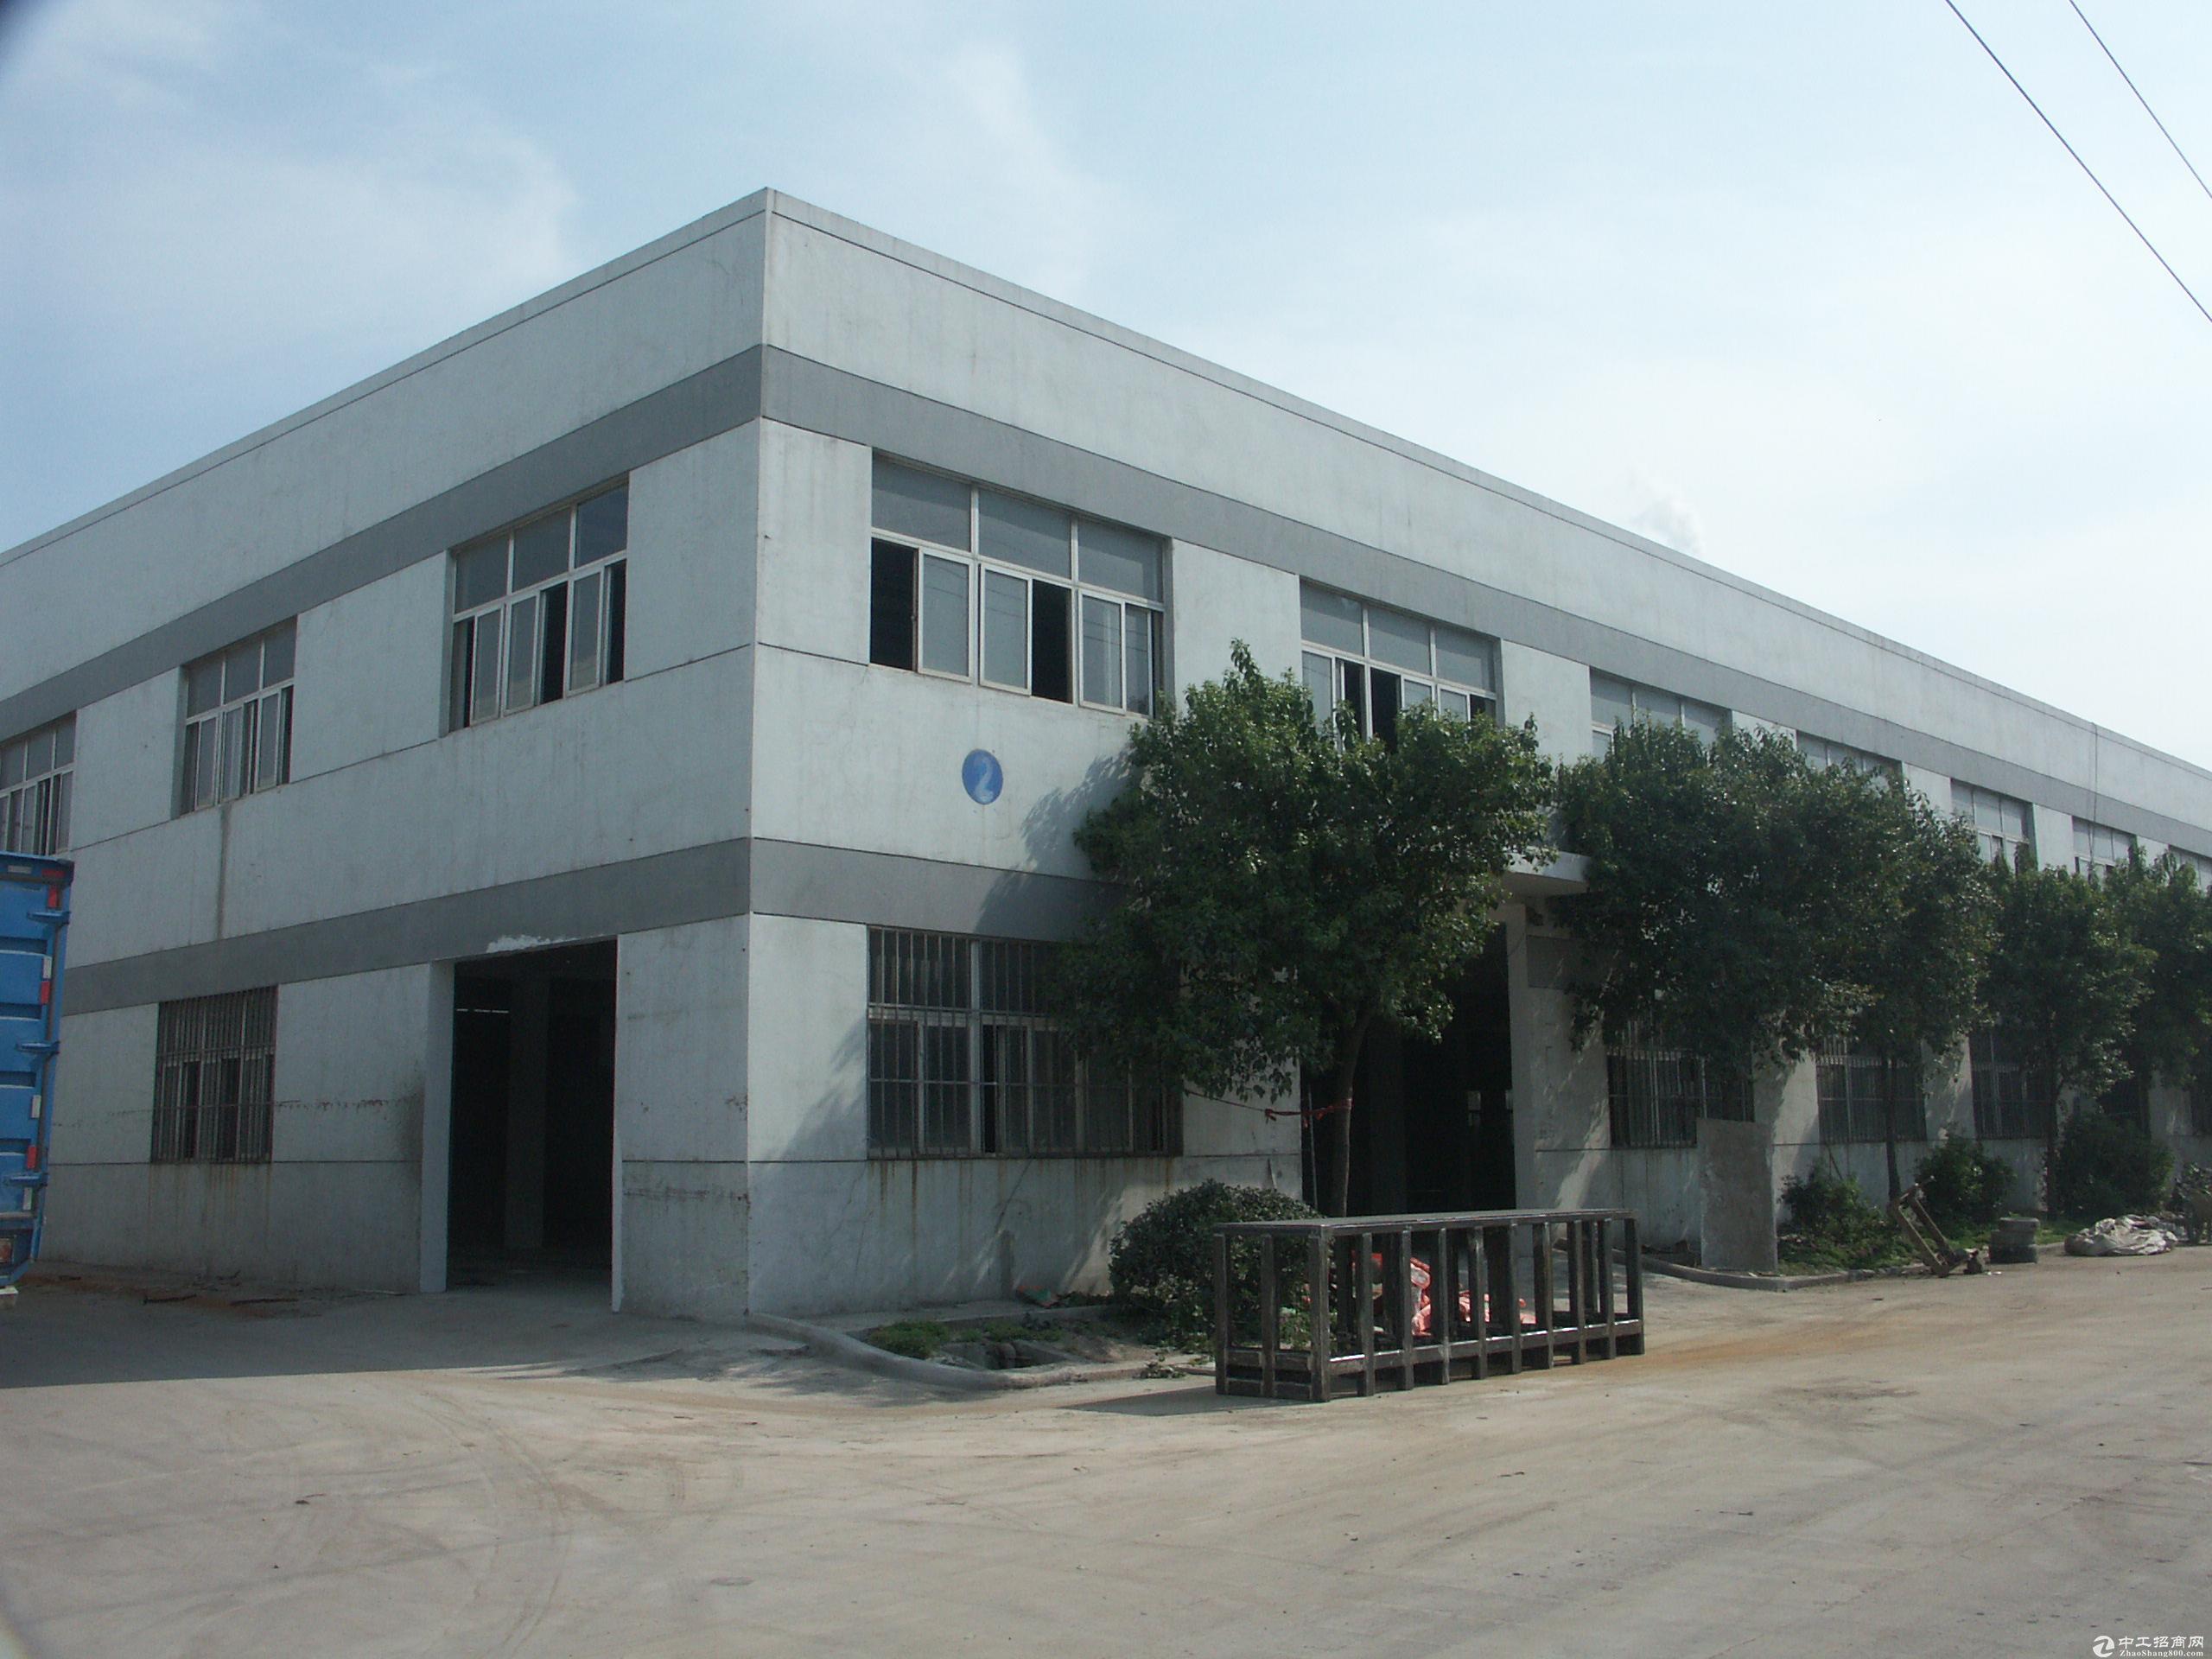 即可入驻 南京新港开发区兴漓路1号一楼680平米标准厂库房